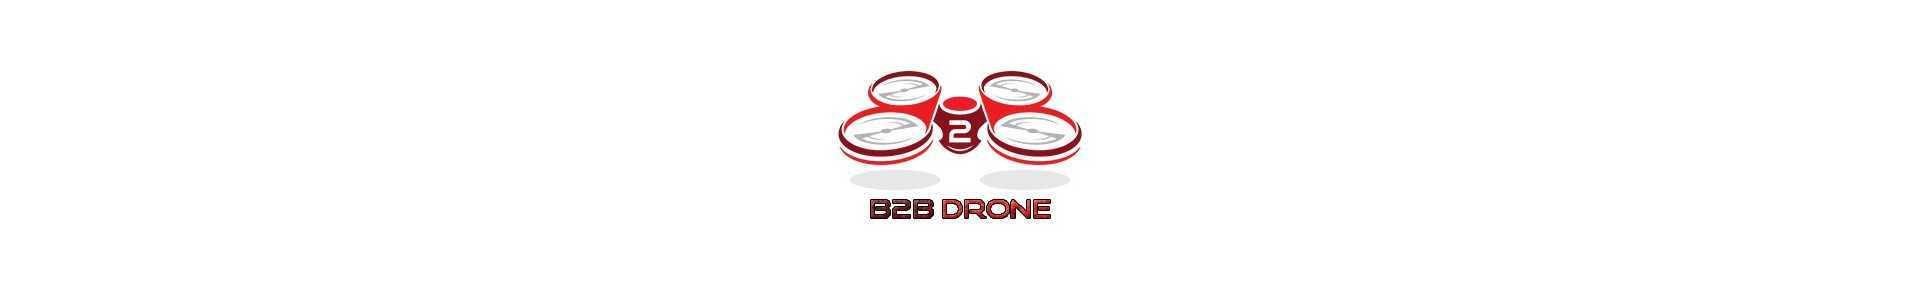 B2B Drone